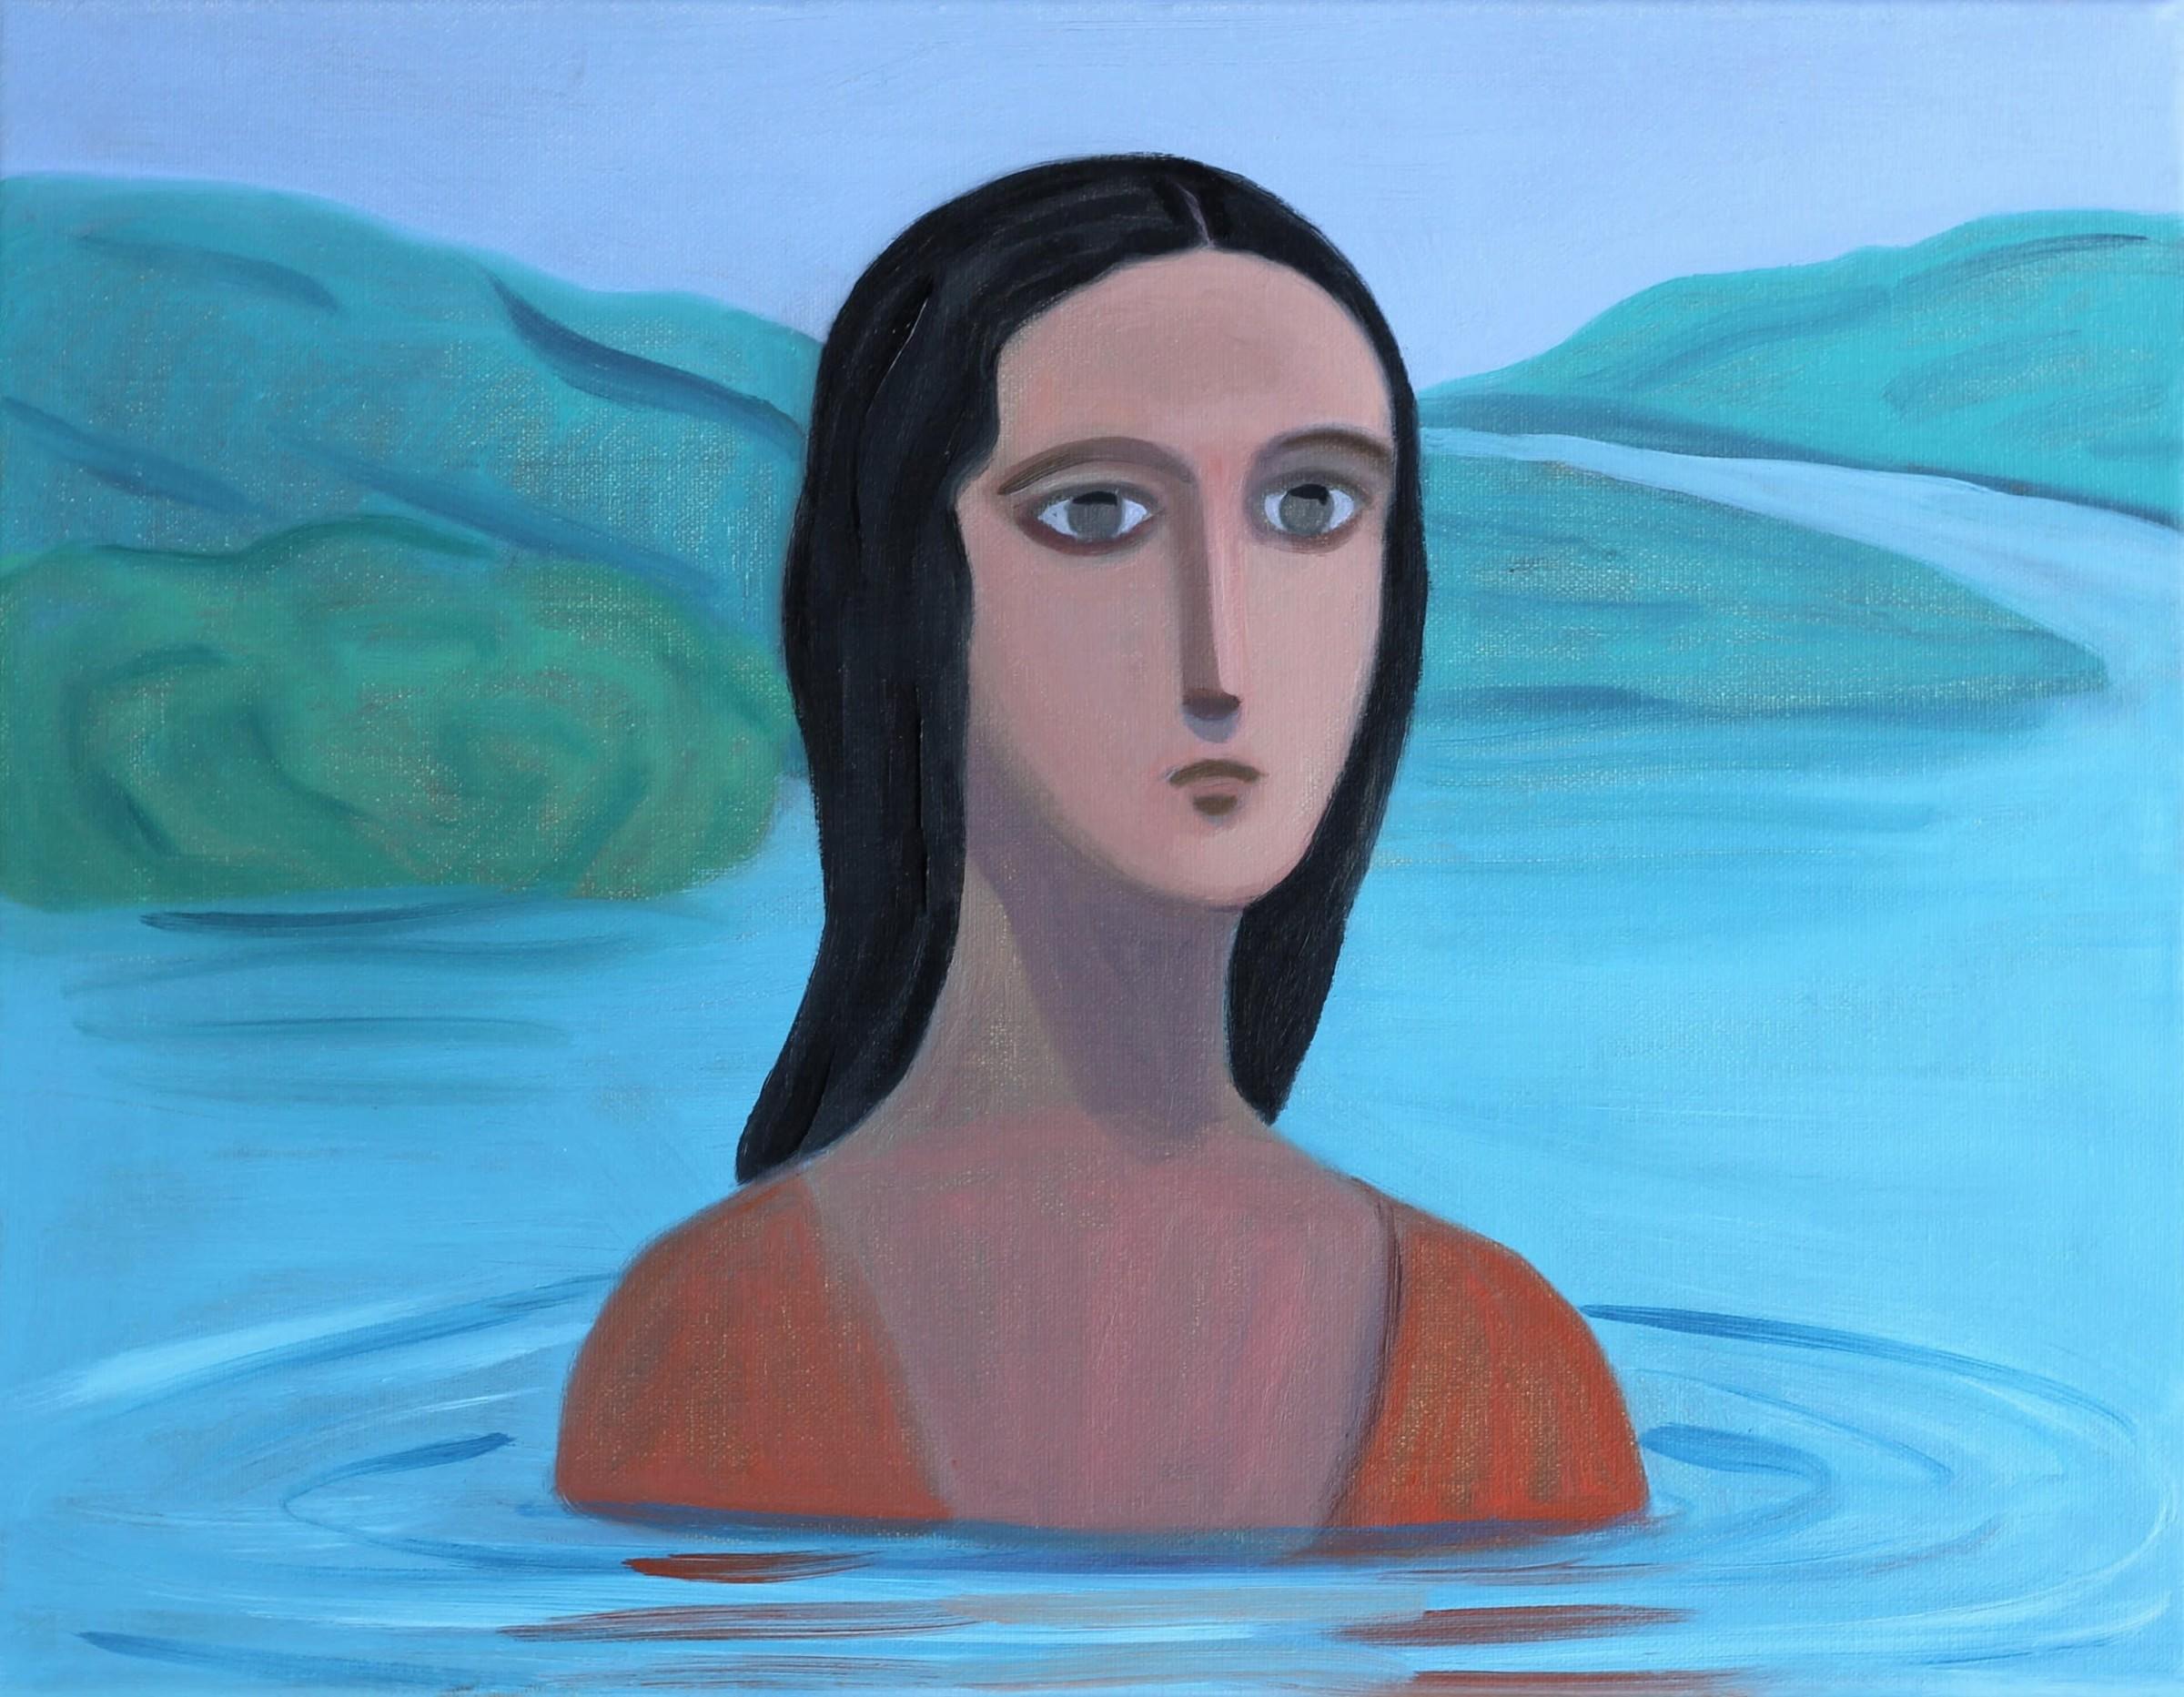 """<span class=""""link fancybox-details-link""""><a href=""""/exhibitions/22/works/artworks_standalone11068/"""">View Detail Page</a></span><div class=""""artist""""><span class=""""artist""""><strong>Sonia Martin ARE</strong></span></div><div class=""""title""""><em>Cool River</em></div><div class=""""medium"""">oil on canvas</div><div class=""""dimensions"""">36 x 46 cm </div>"""